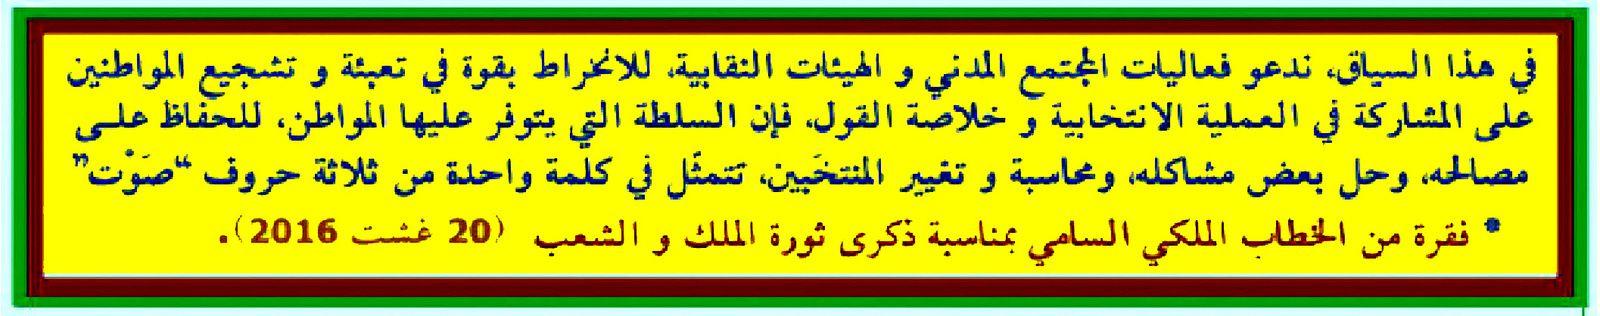 نادي صابون تازا&quot&#x3B; يستجيب لدعوة الملك المواطن &quot&#x3B;